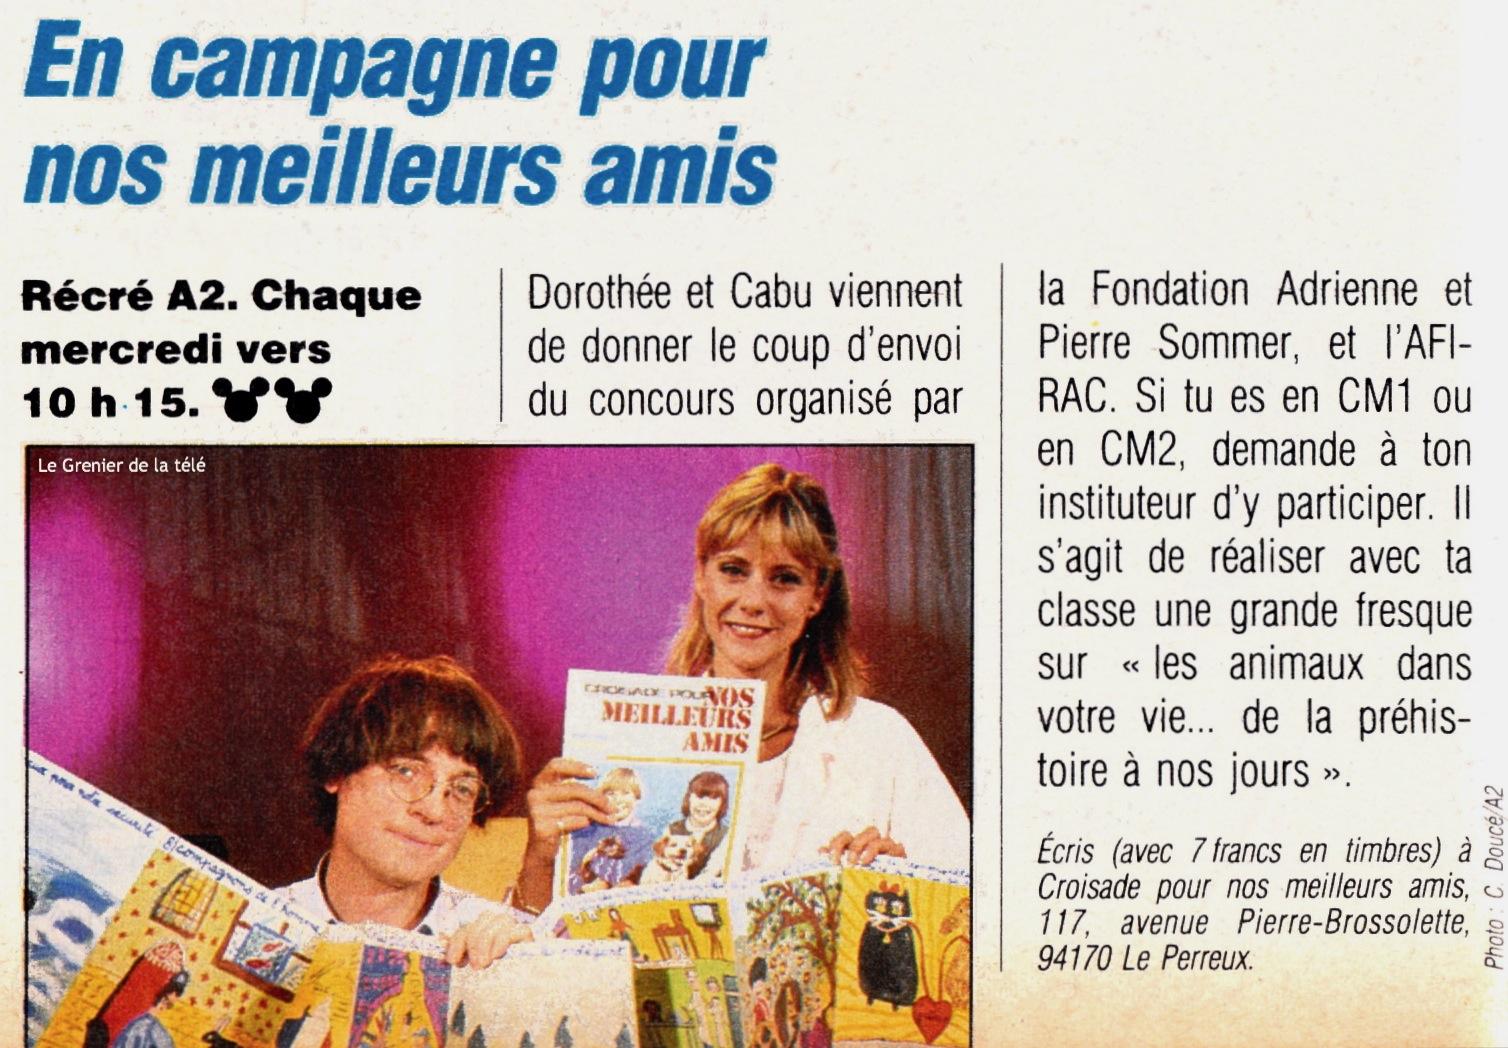 http://grenierdelatv.free.fr/2/recrea2jdmoct1985.jpg